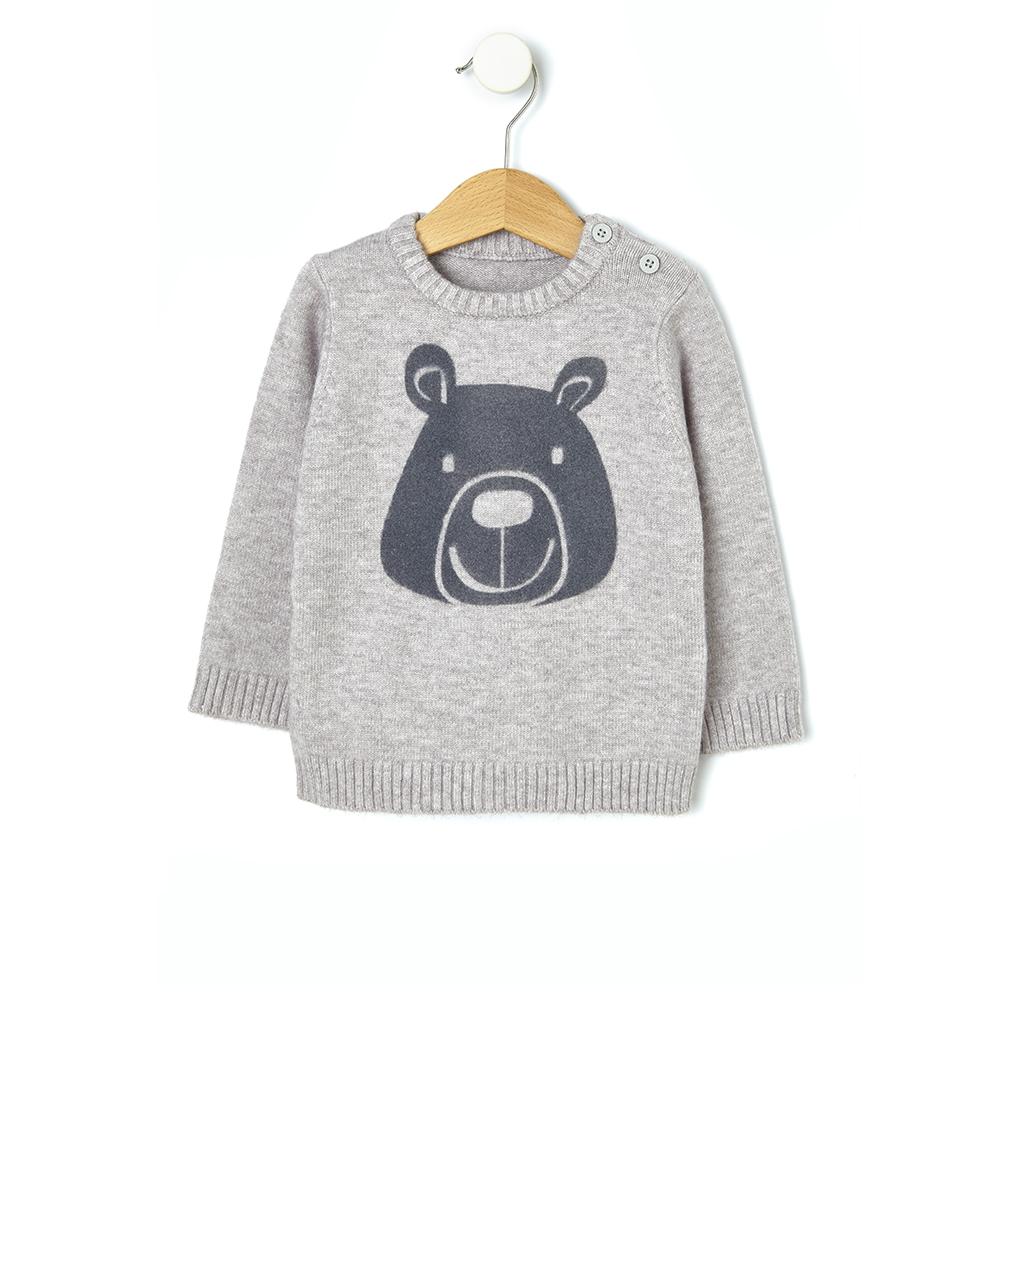 Μπλούζα Πλεκτή με Αρκουδάκι για Αγόρι